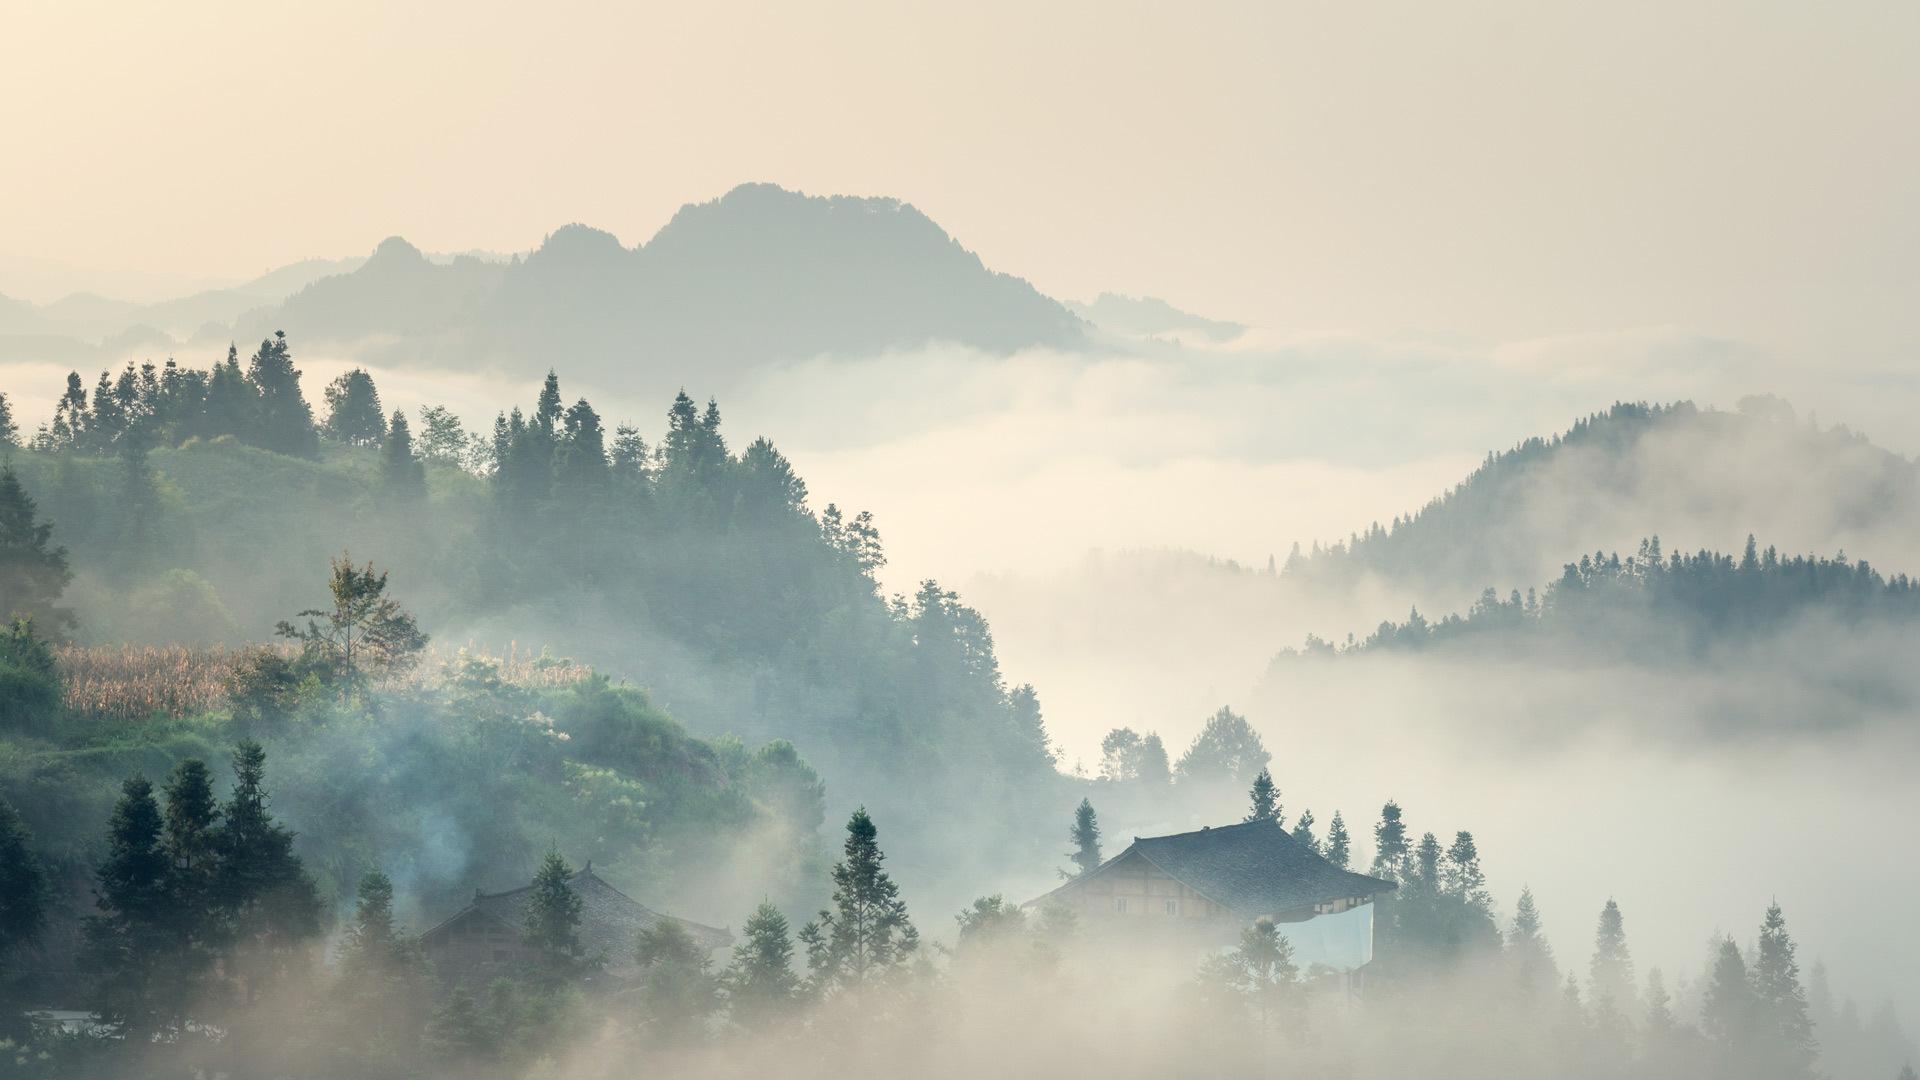 今日清明,清晨浓雾清明